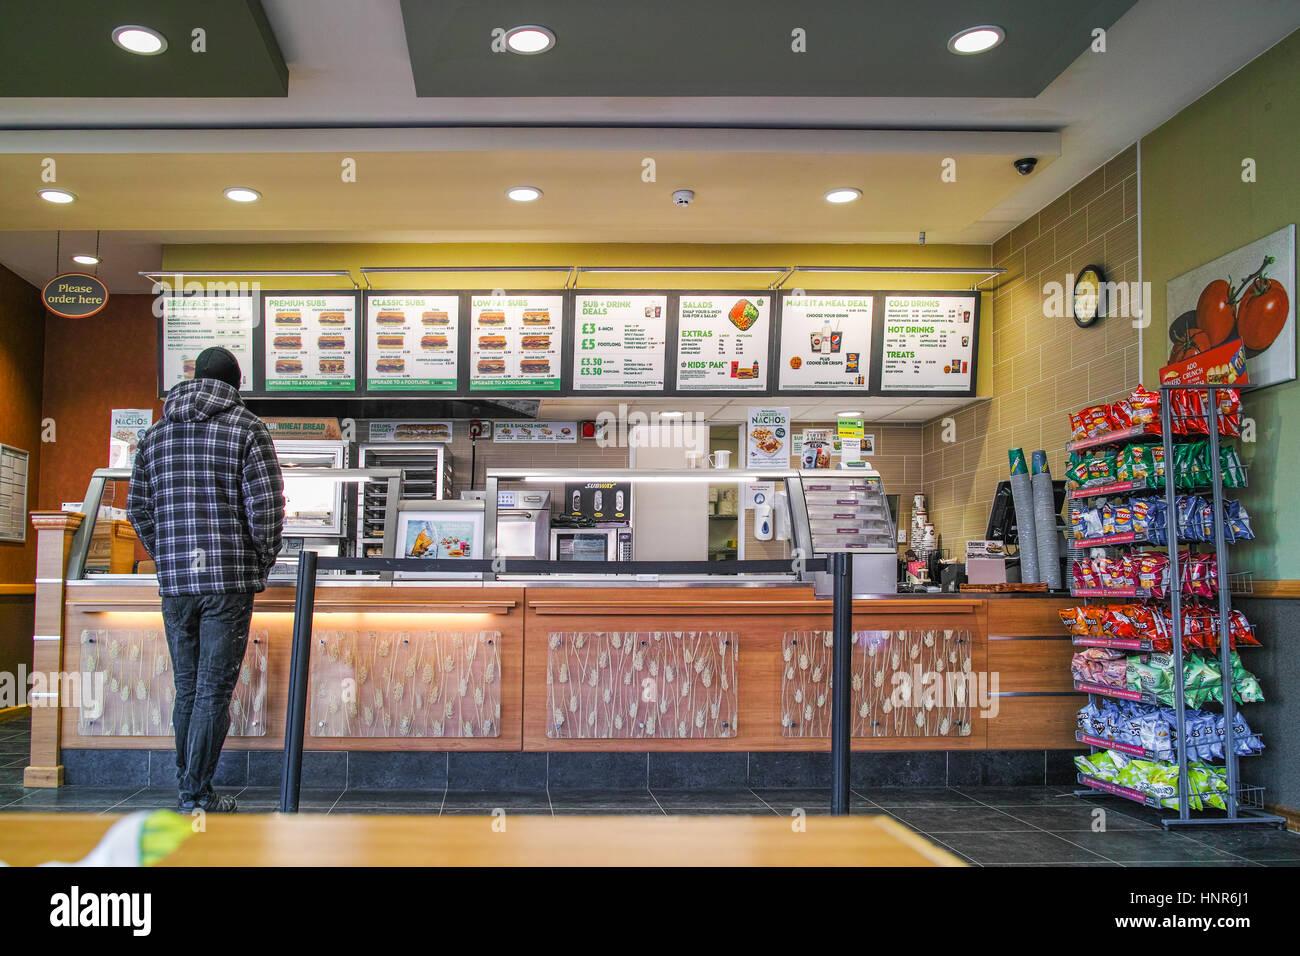 Subway fast food shop at Canterbury. - Stock Image